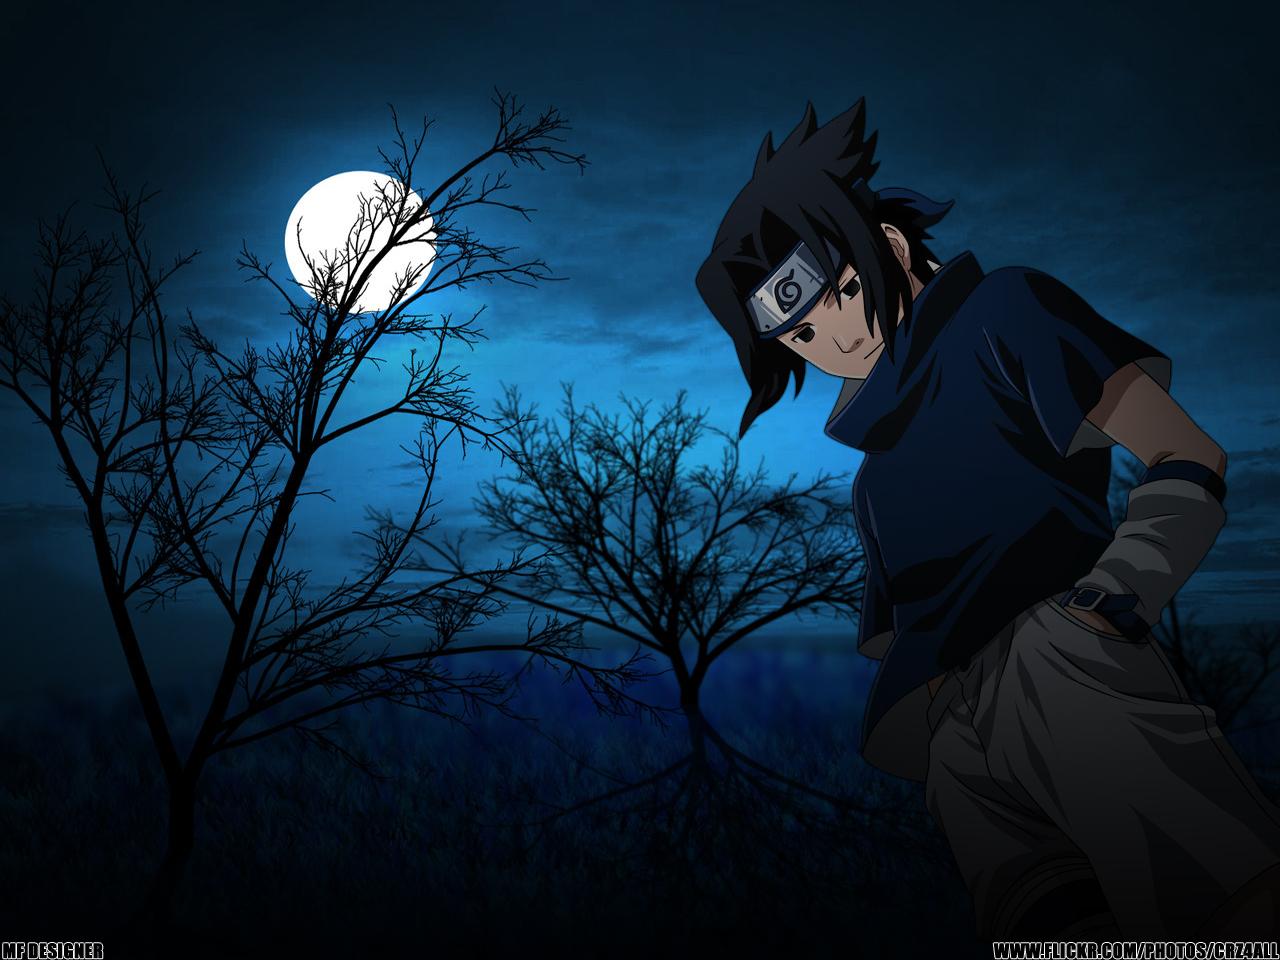 uchiha sasuke images wallpaper - photo #46